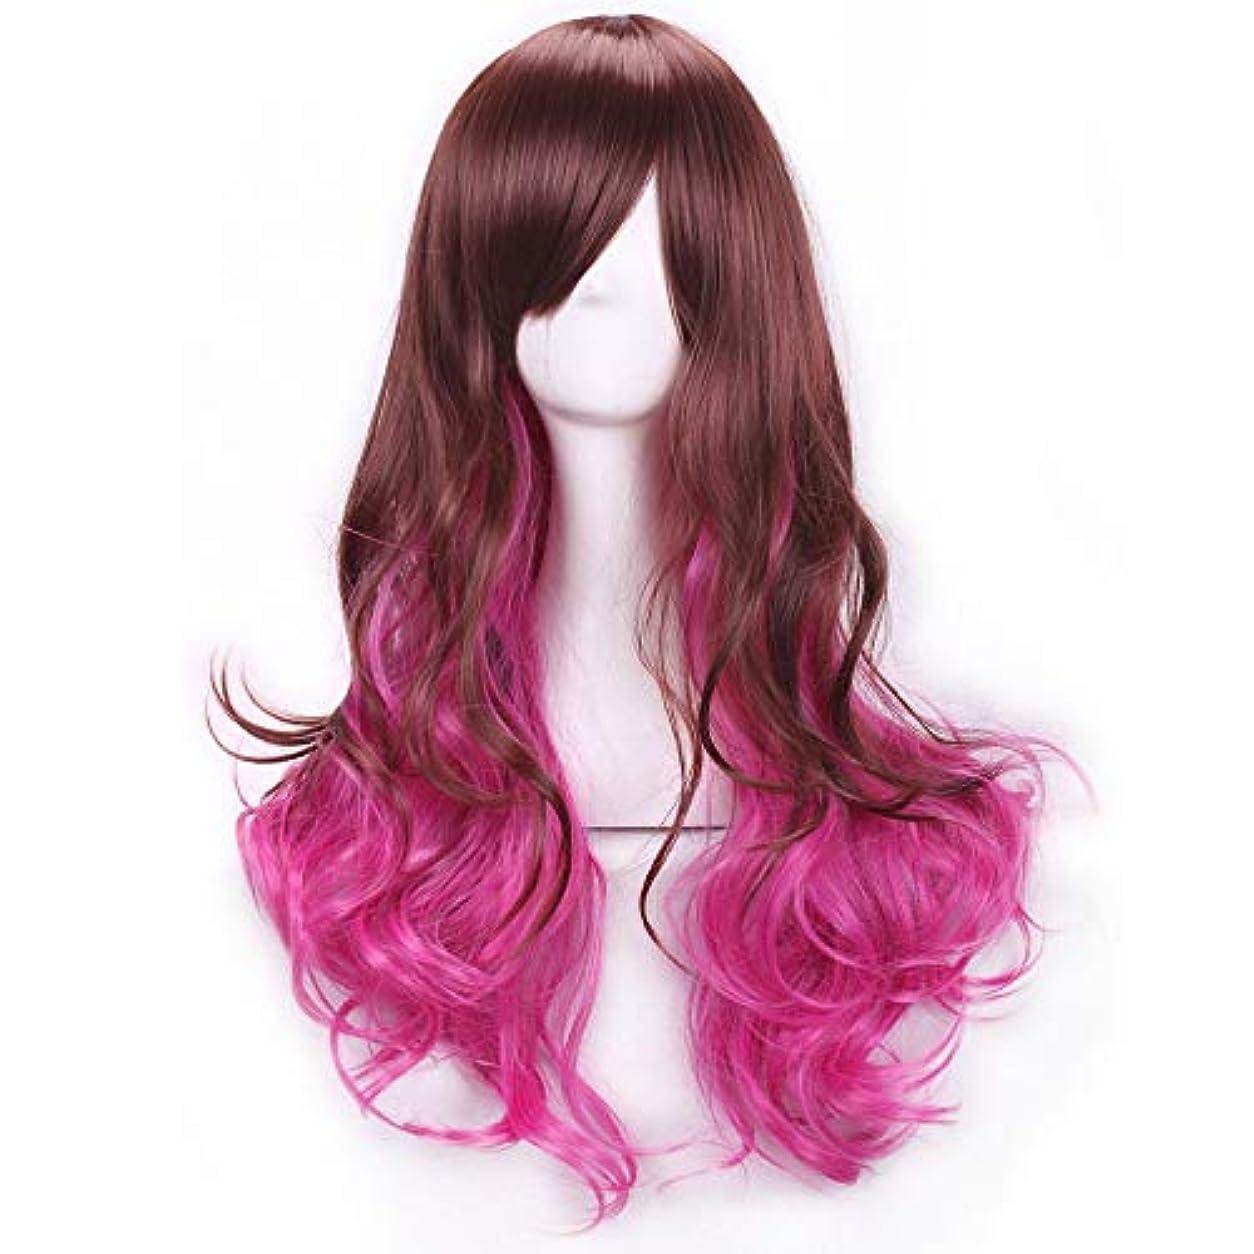 保守可能もっと眠るかつらキャップでかつらファンシードレスカールかつら女性用高品質合成毛髪コスプレ高密度かつら女性&女の子用ブラウン、ピンク、パープル (Color : ピンク)